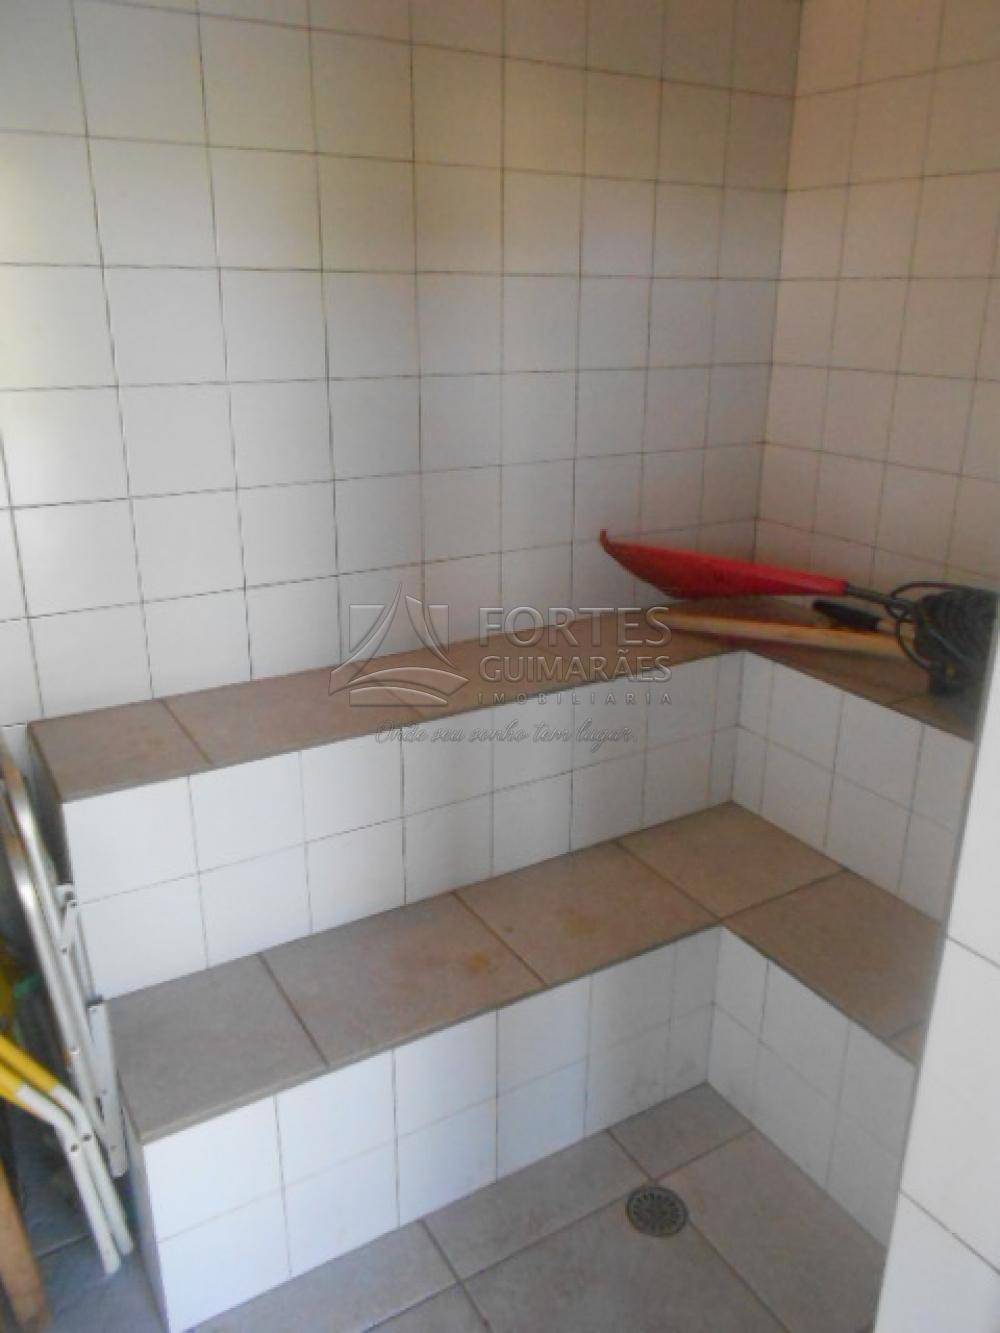 Alugar Casas / Condomínio em Jardinópolis apenas R$ 3.000,00 - Foto 61